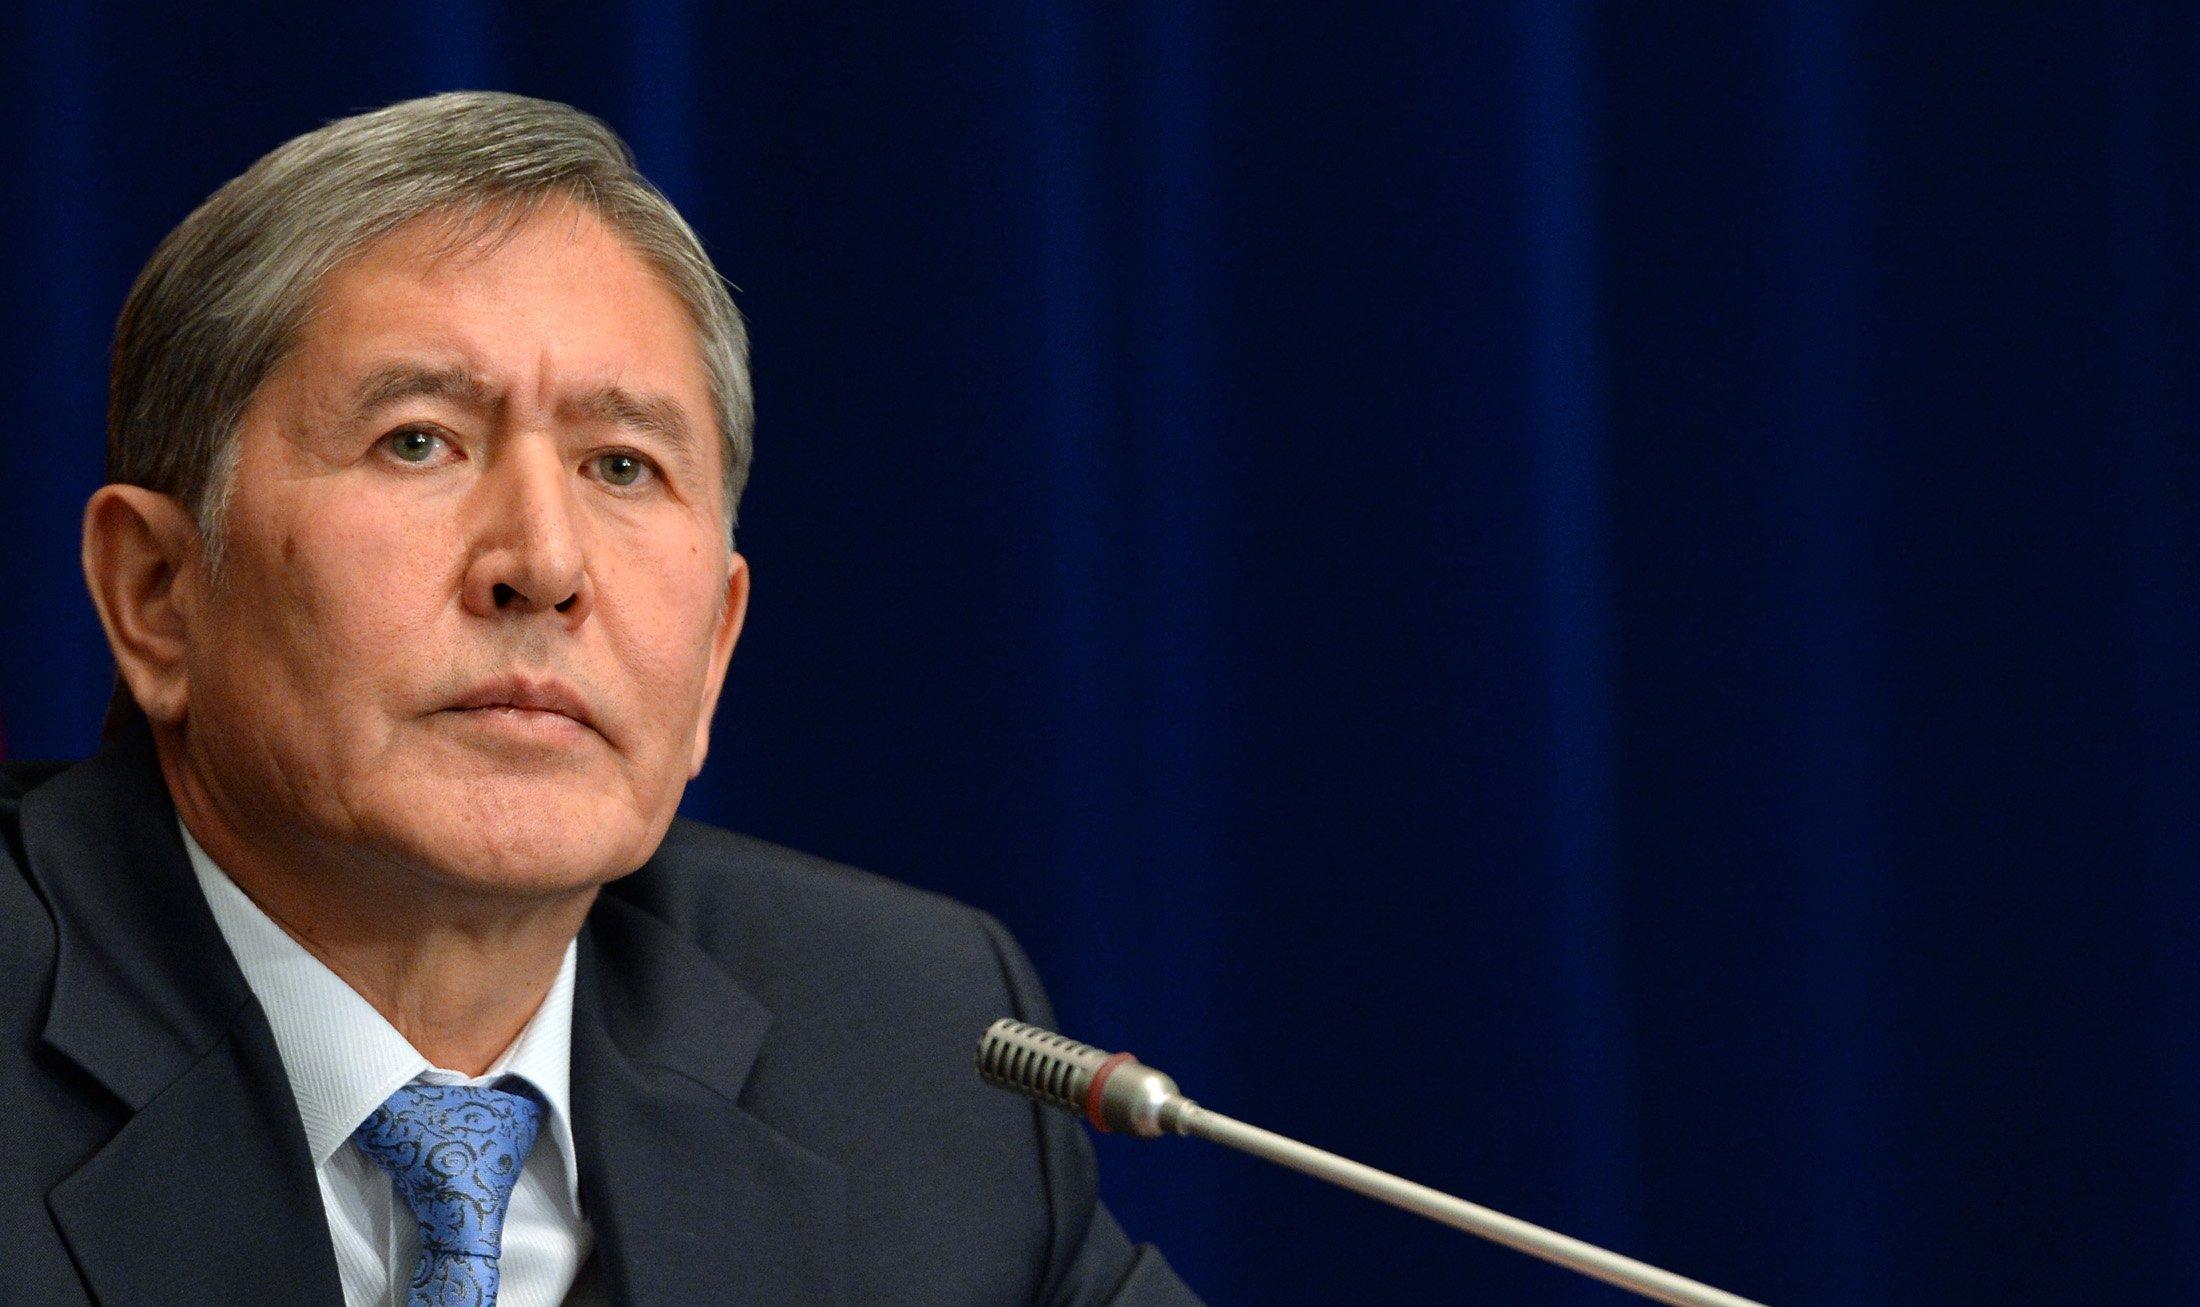 Атамбаев переименовал 7ноября вДень истории ипамяти предков